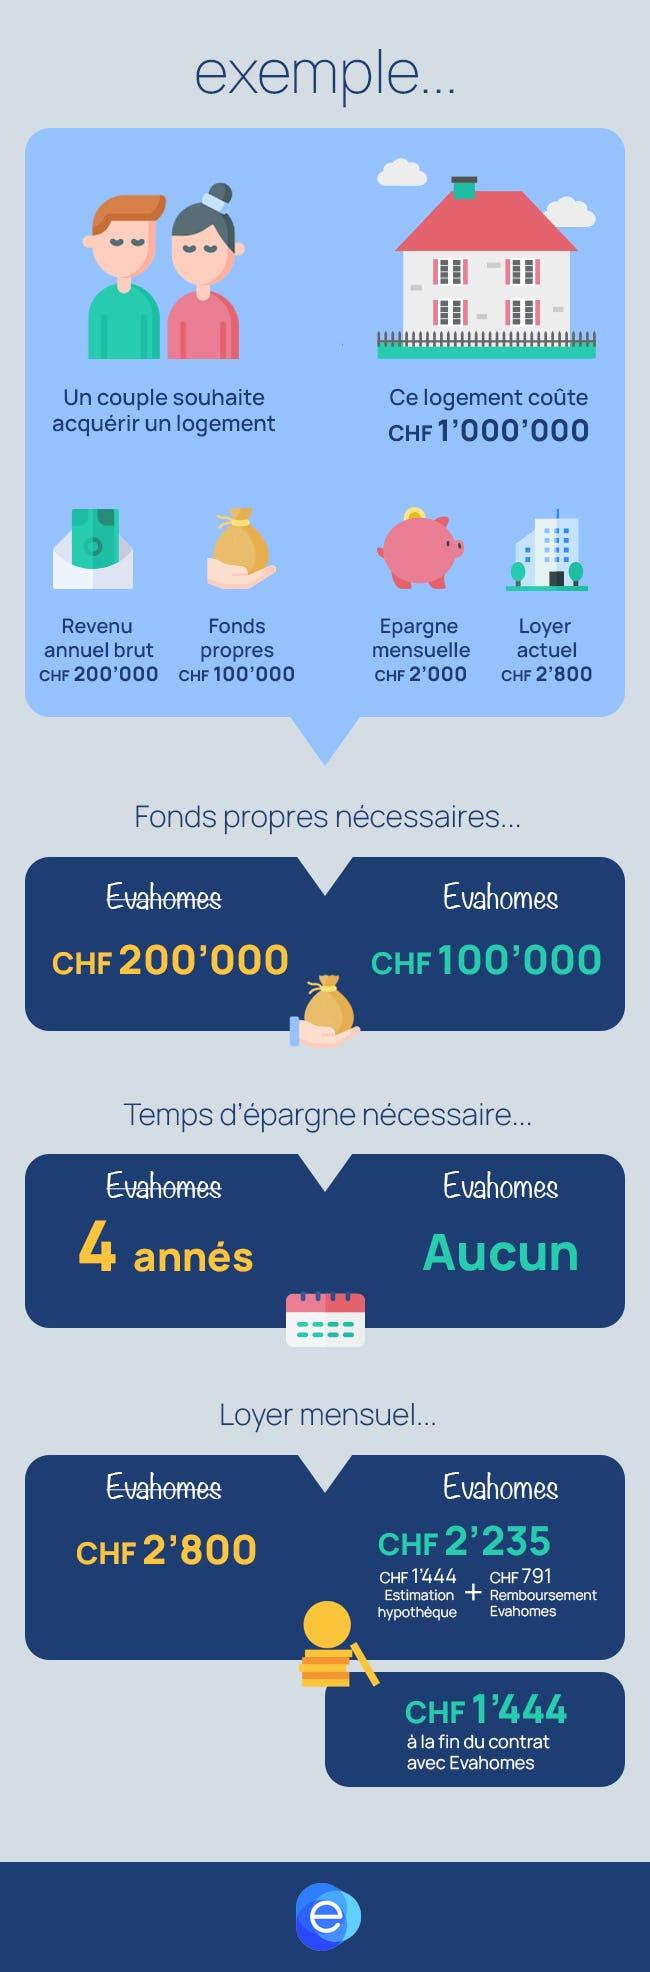 Exemple de financement avec Evahomes.ch